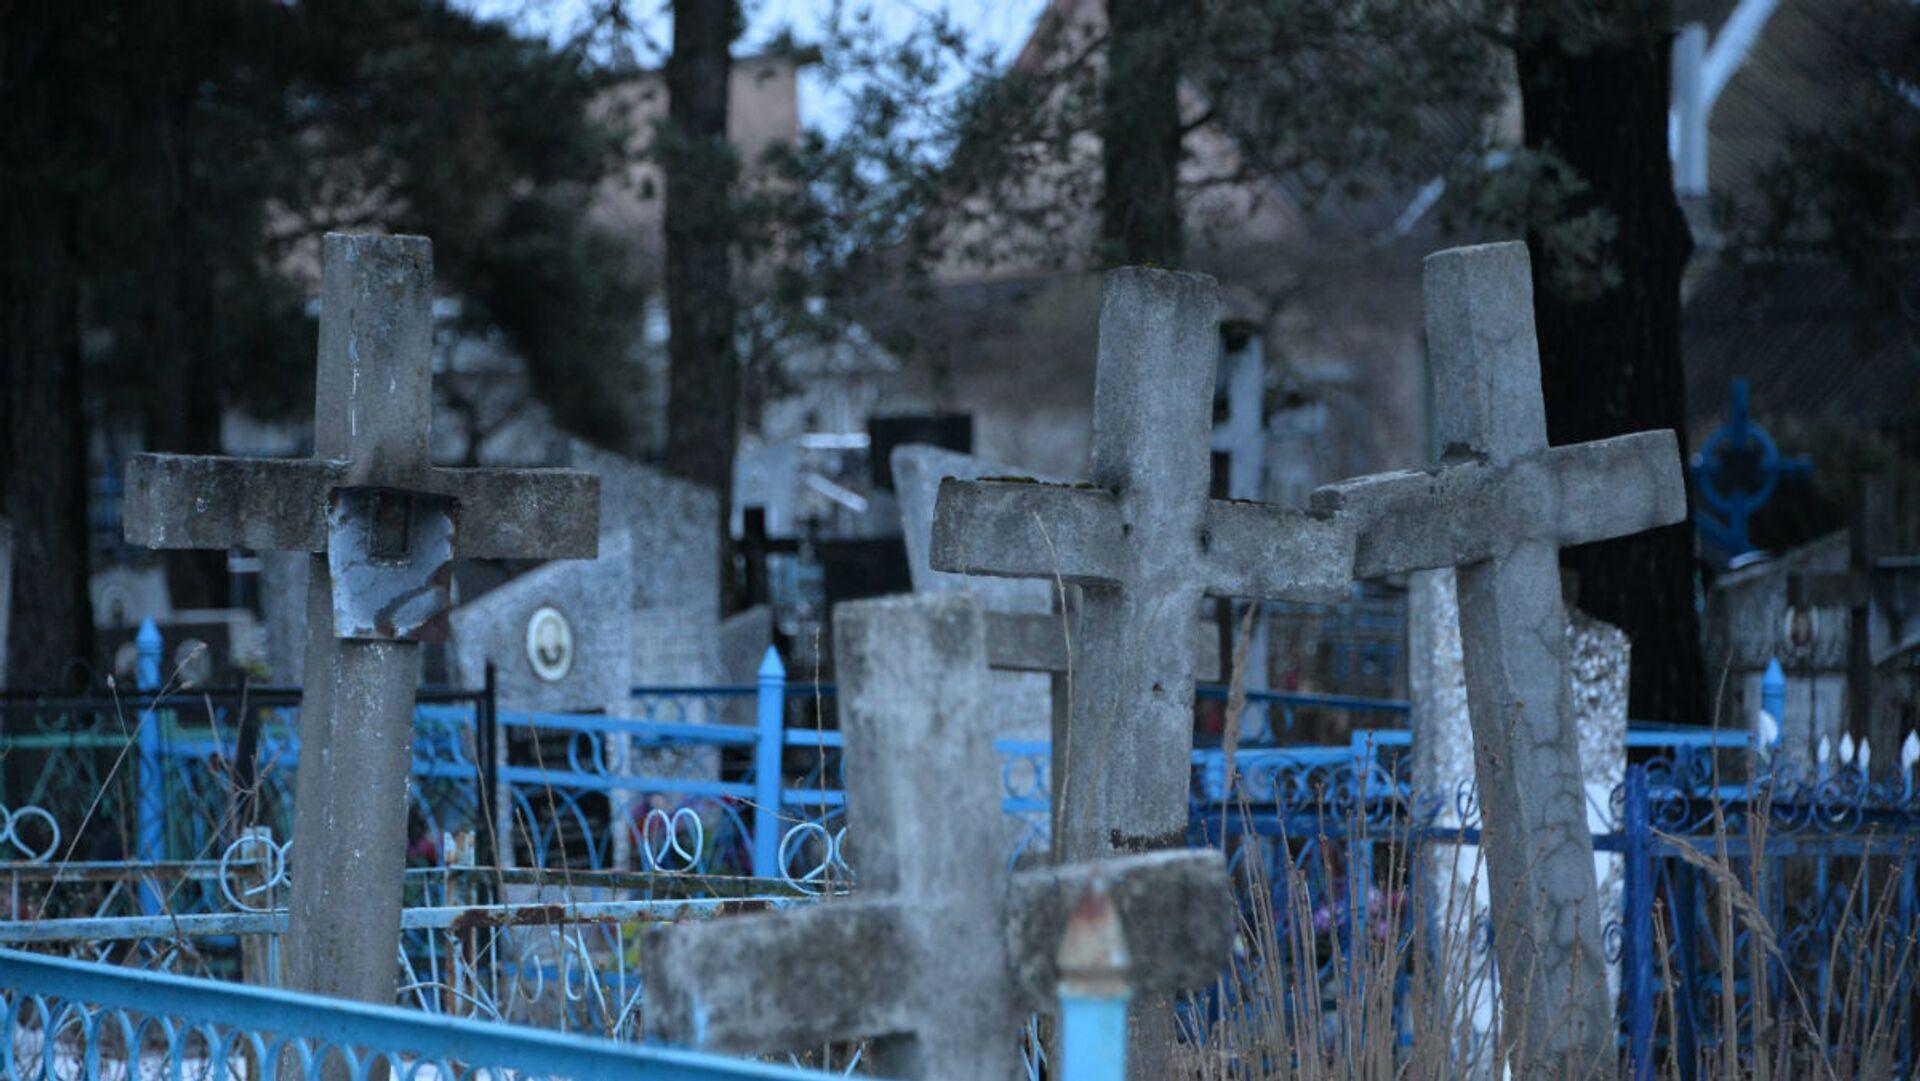 Кресты на кладбище - Sputnik Беларусь, 1920, 22.09.2021